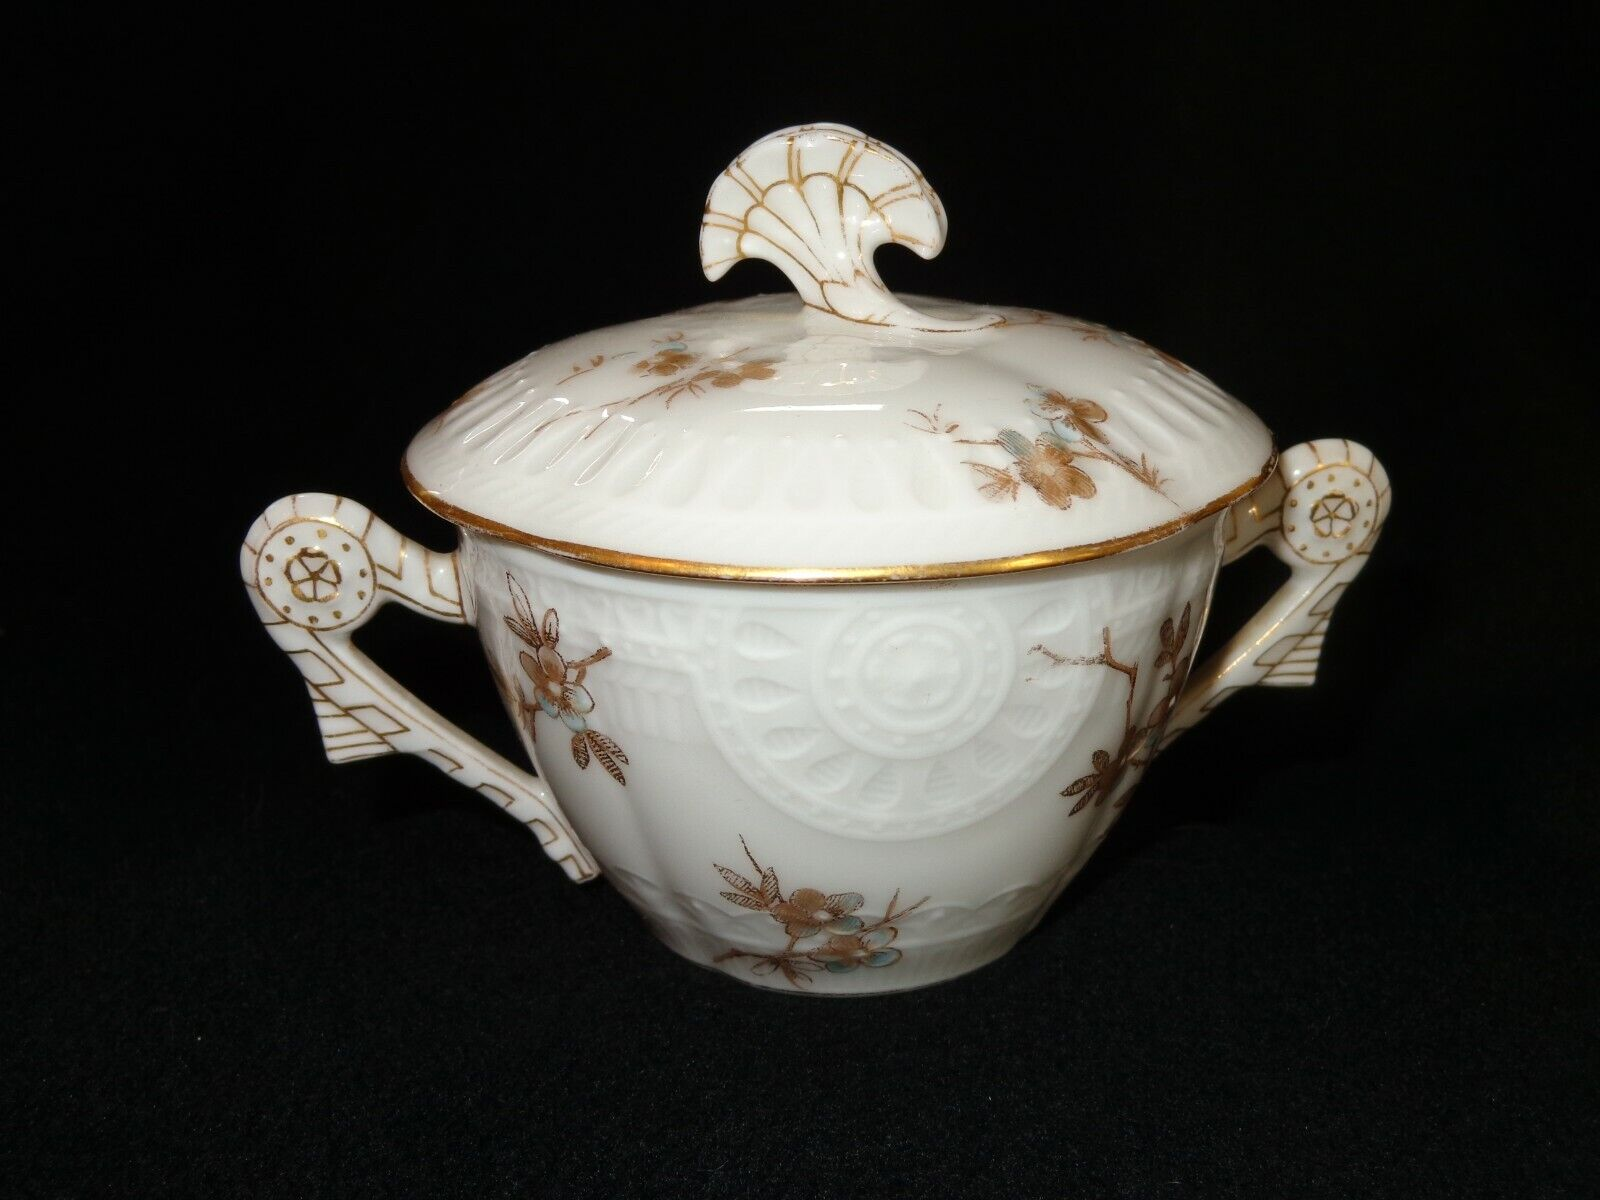 CFH Haviland Limoges France Covered Sugar Bowl Floral - $9.99